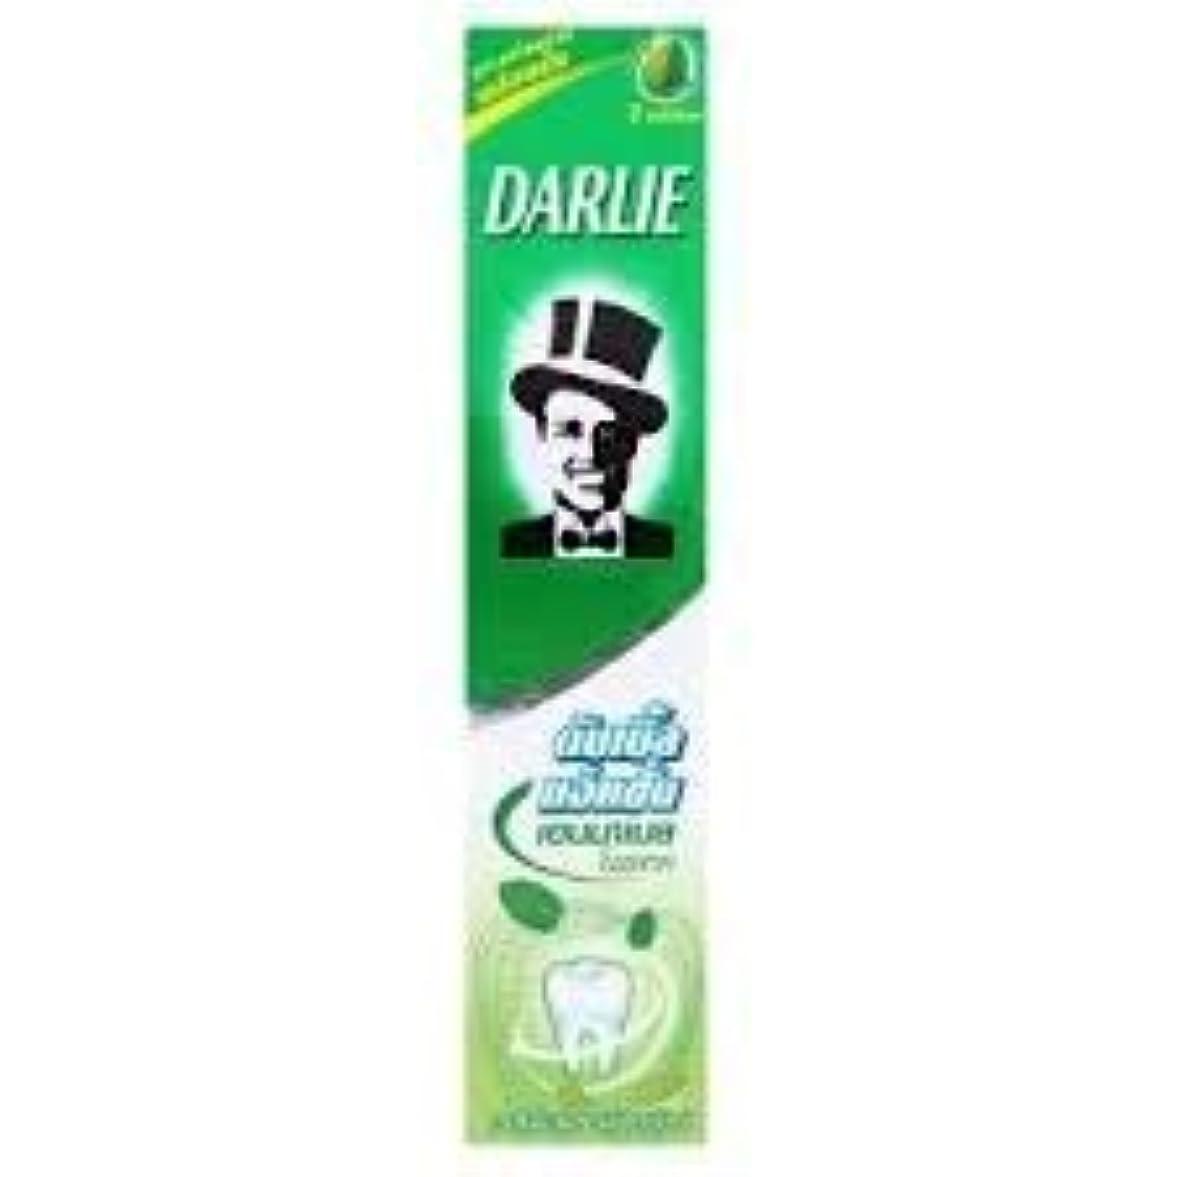 修士号鉱夫まあDARLIE 歯磨き粉エナメルは強力なミントを保護します200g - 私達の元の強いミントの味とあなたの呼吸のミントを新しく保ちます